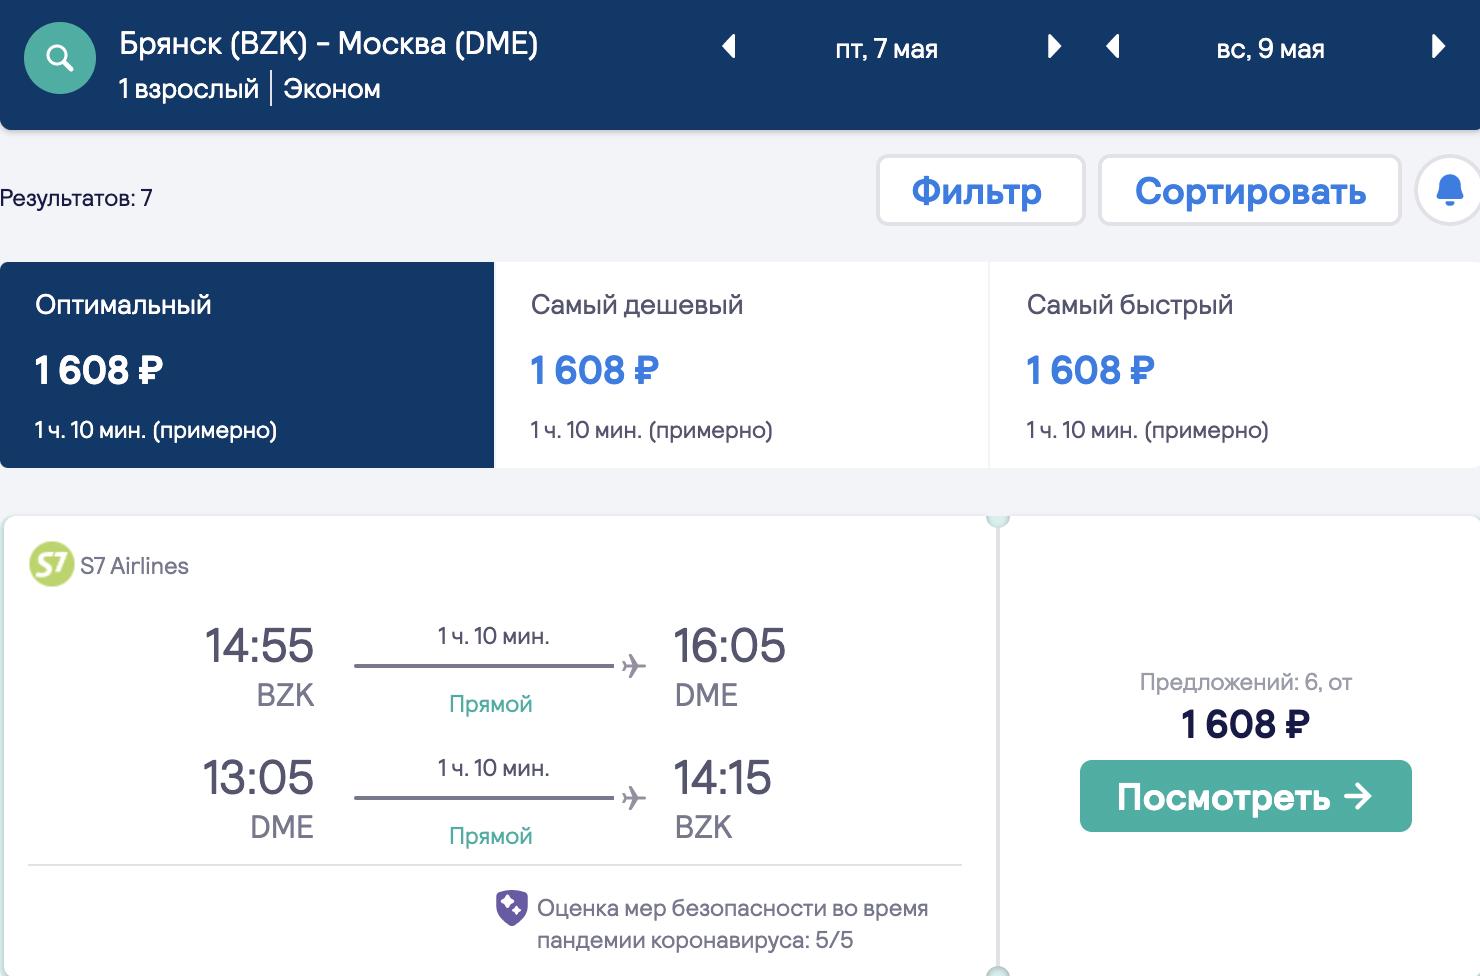 Актуально! Дешевые билеты S7 из Москвы в Брянск за 1600₽ туда-обратно